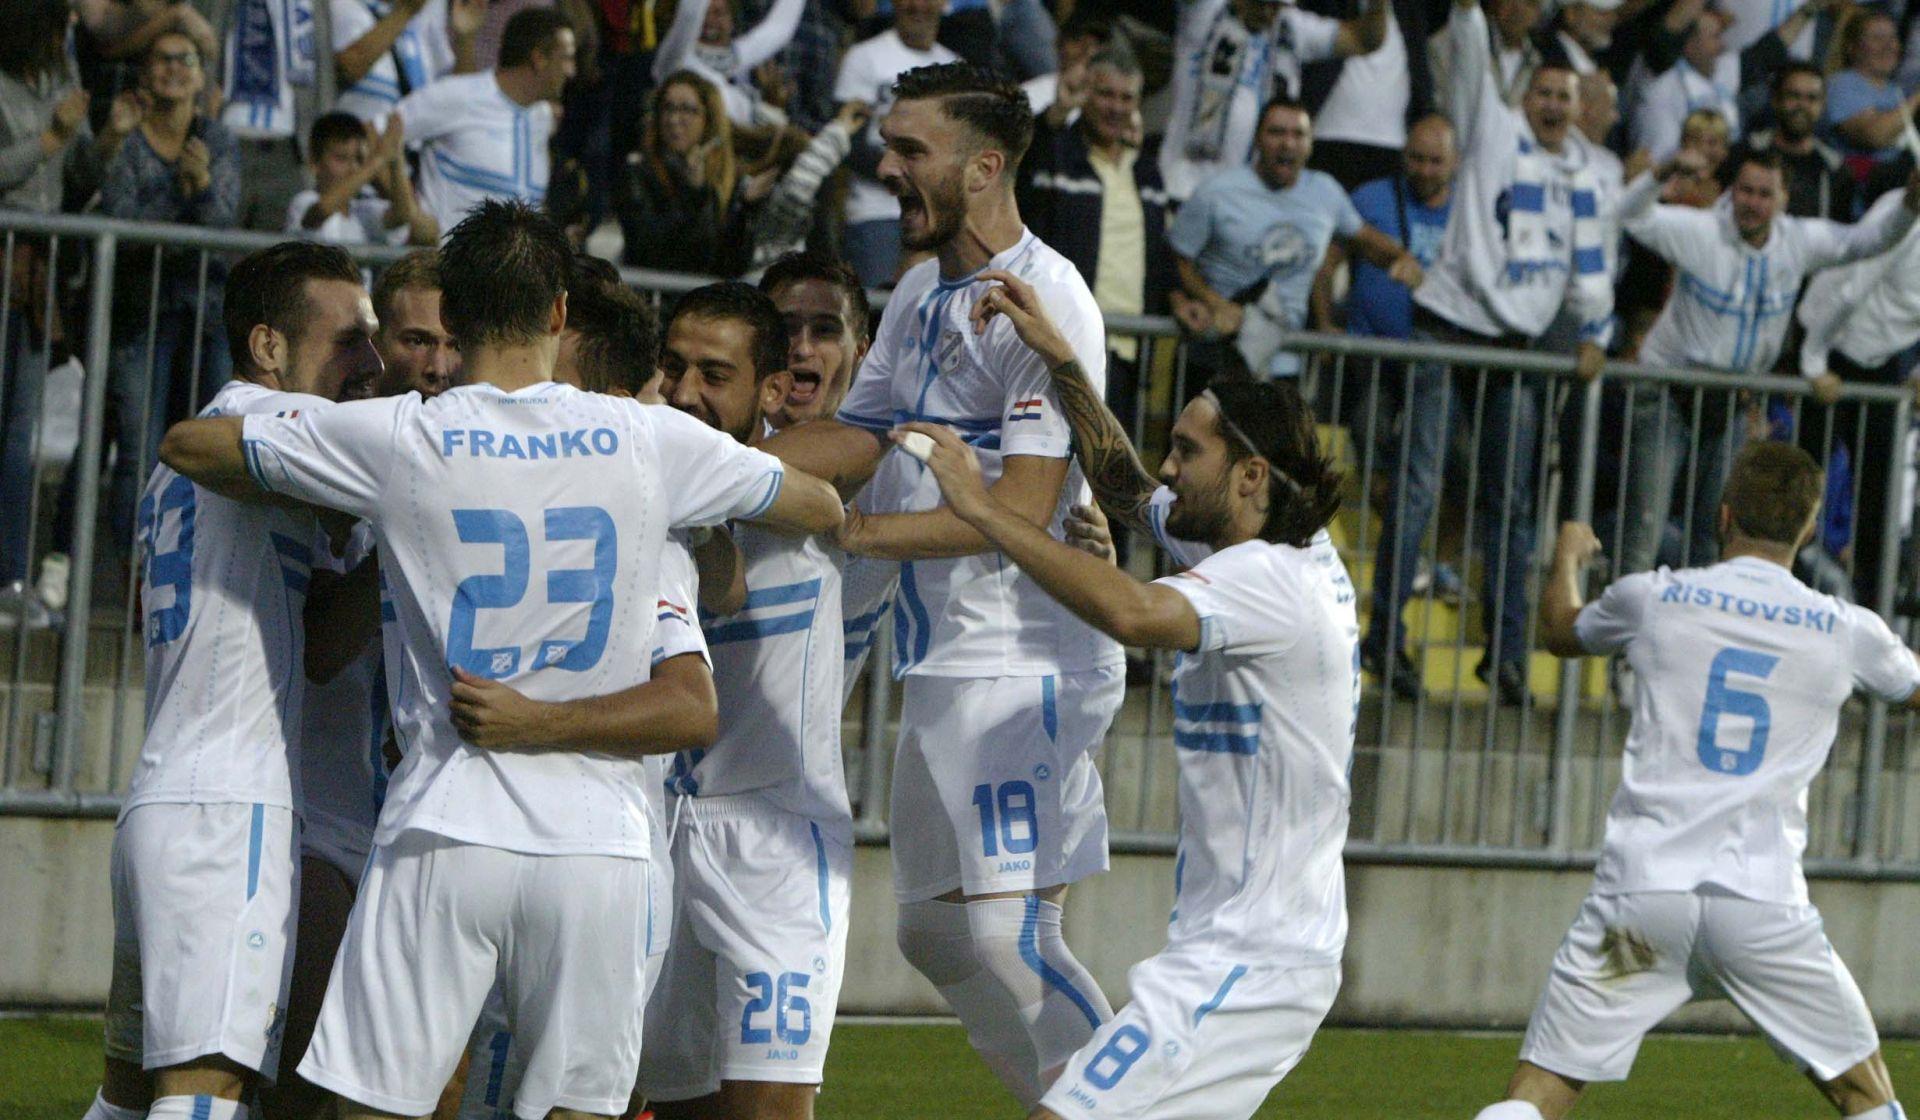 HNL: Uvjerljiva Rijeka, Hajduk preokretom do bodova